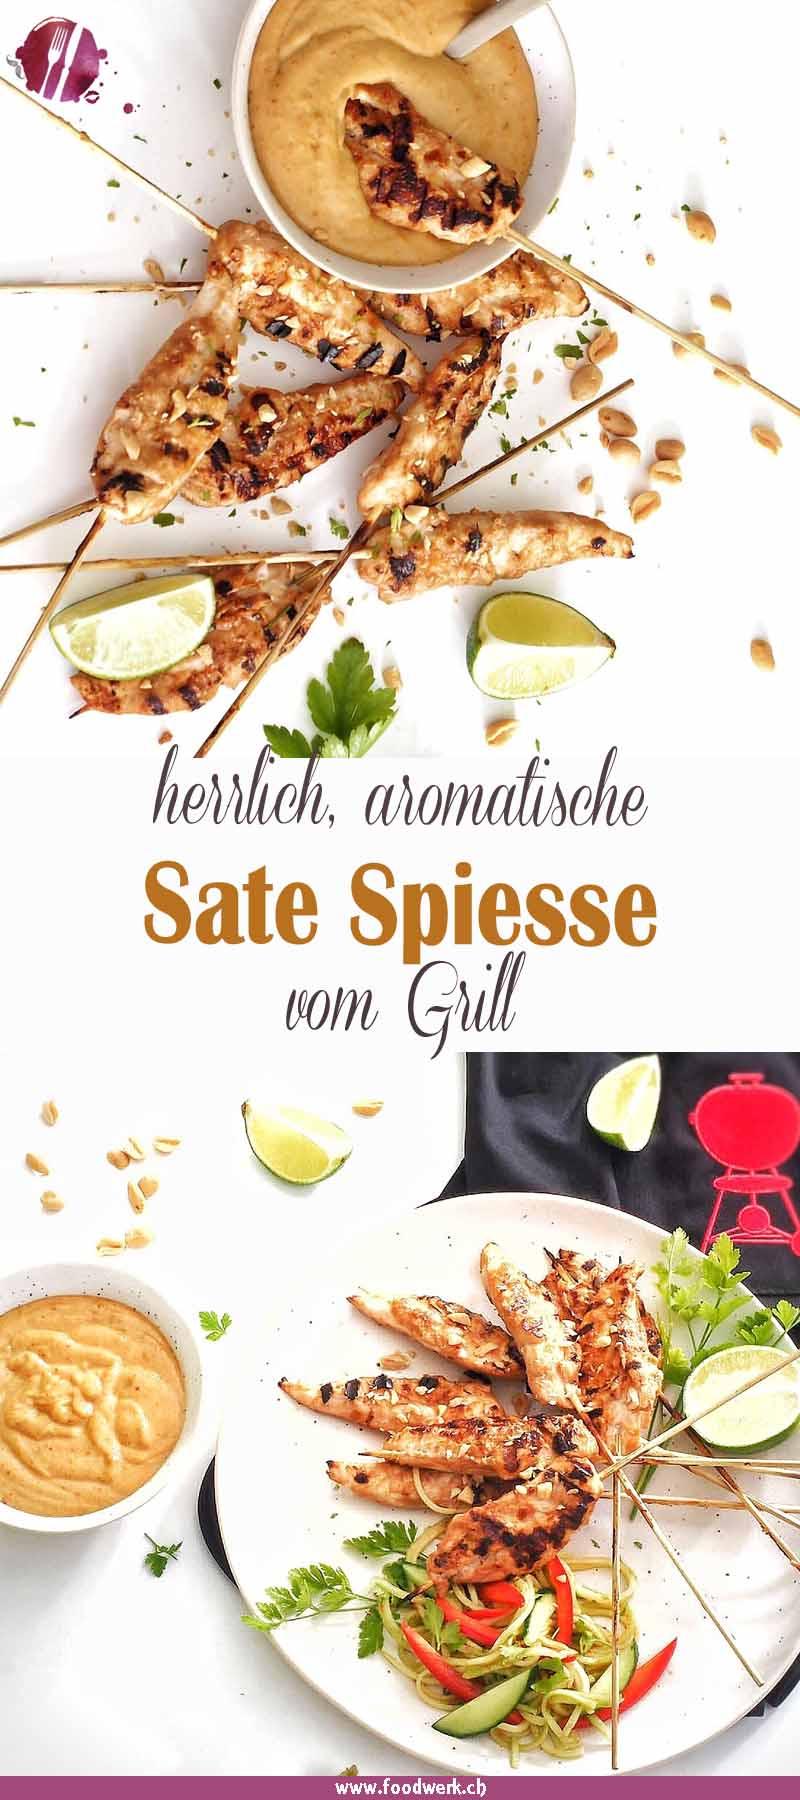 Sate Spiesse mit Hähnchen vom Weber Grill